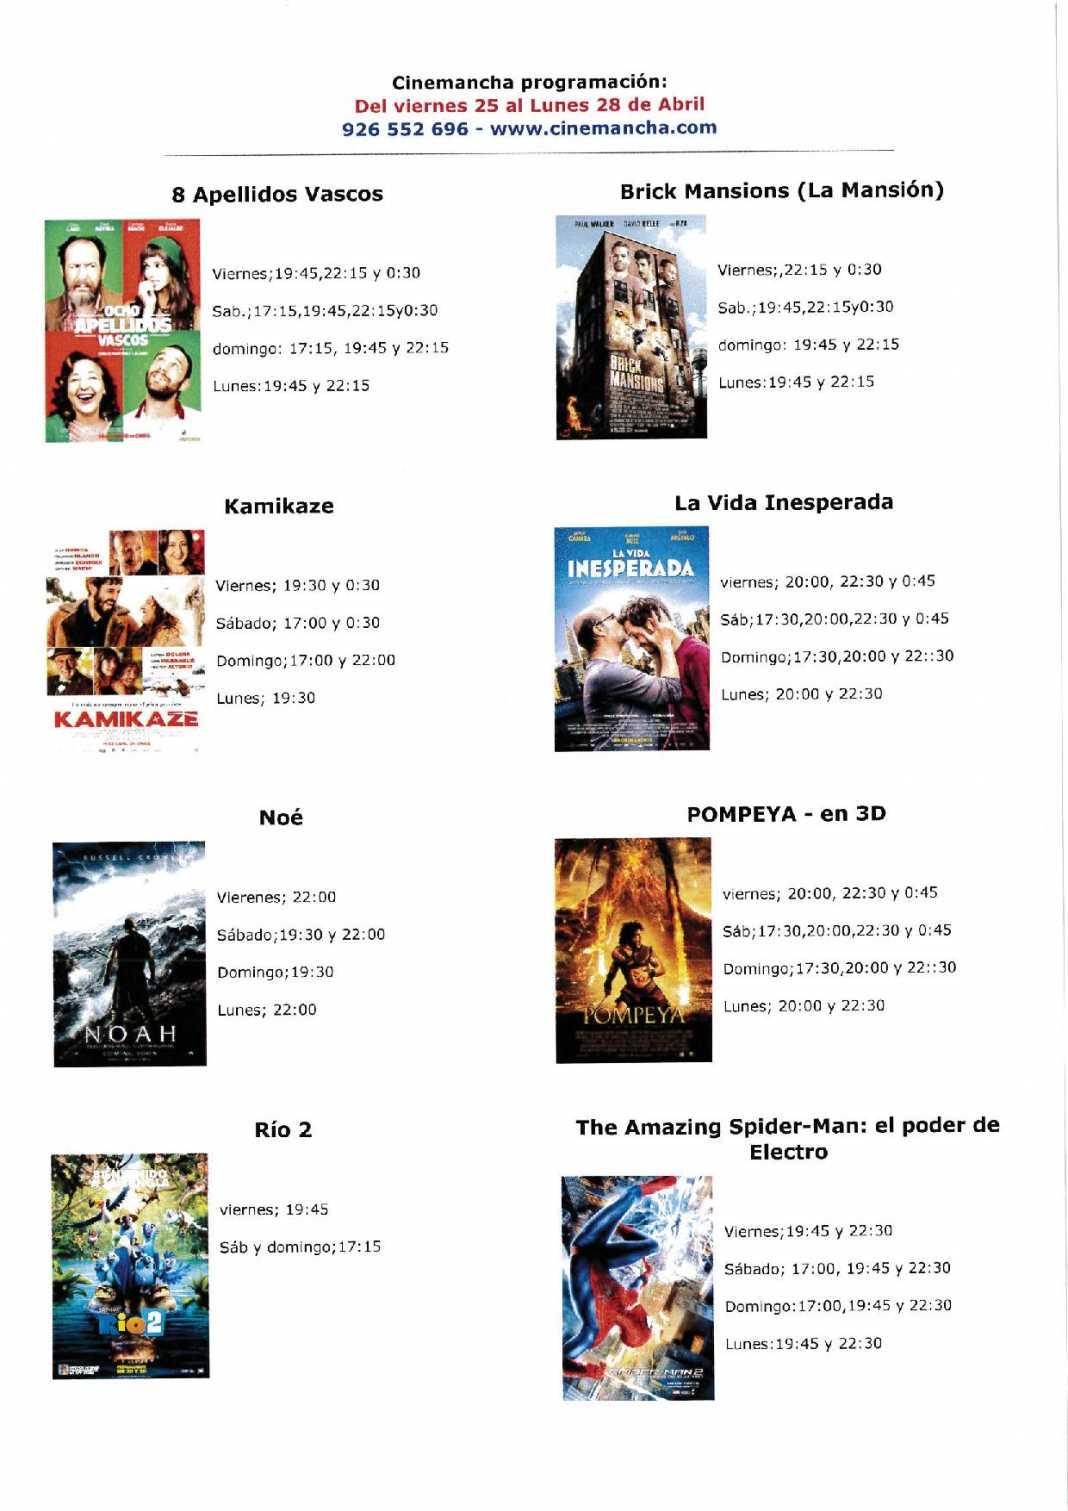 Programación Cinemancha del viernes 25 al lunes 28 de abril 1